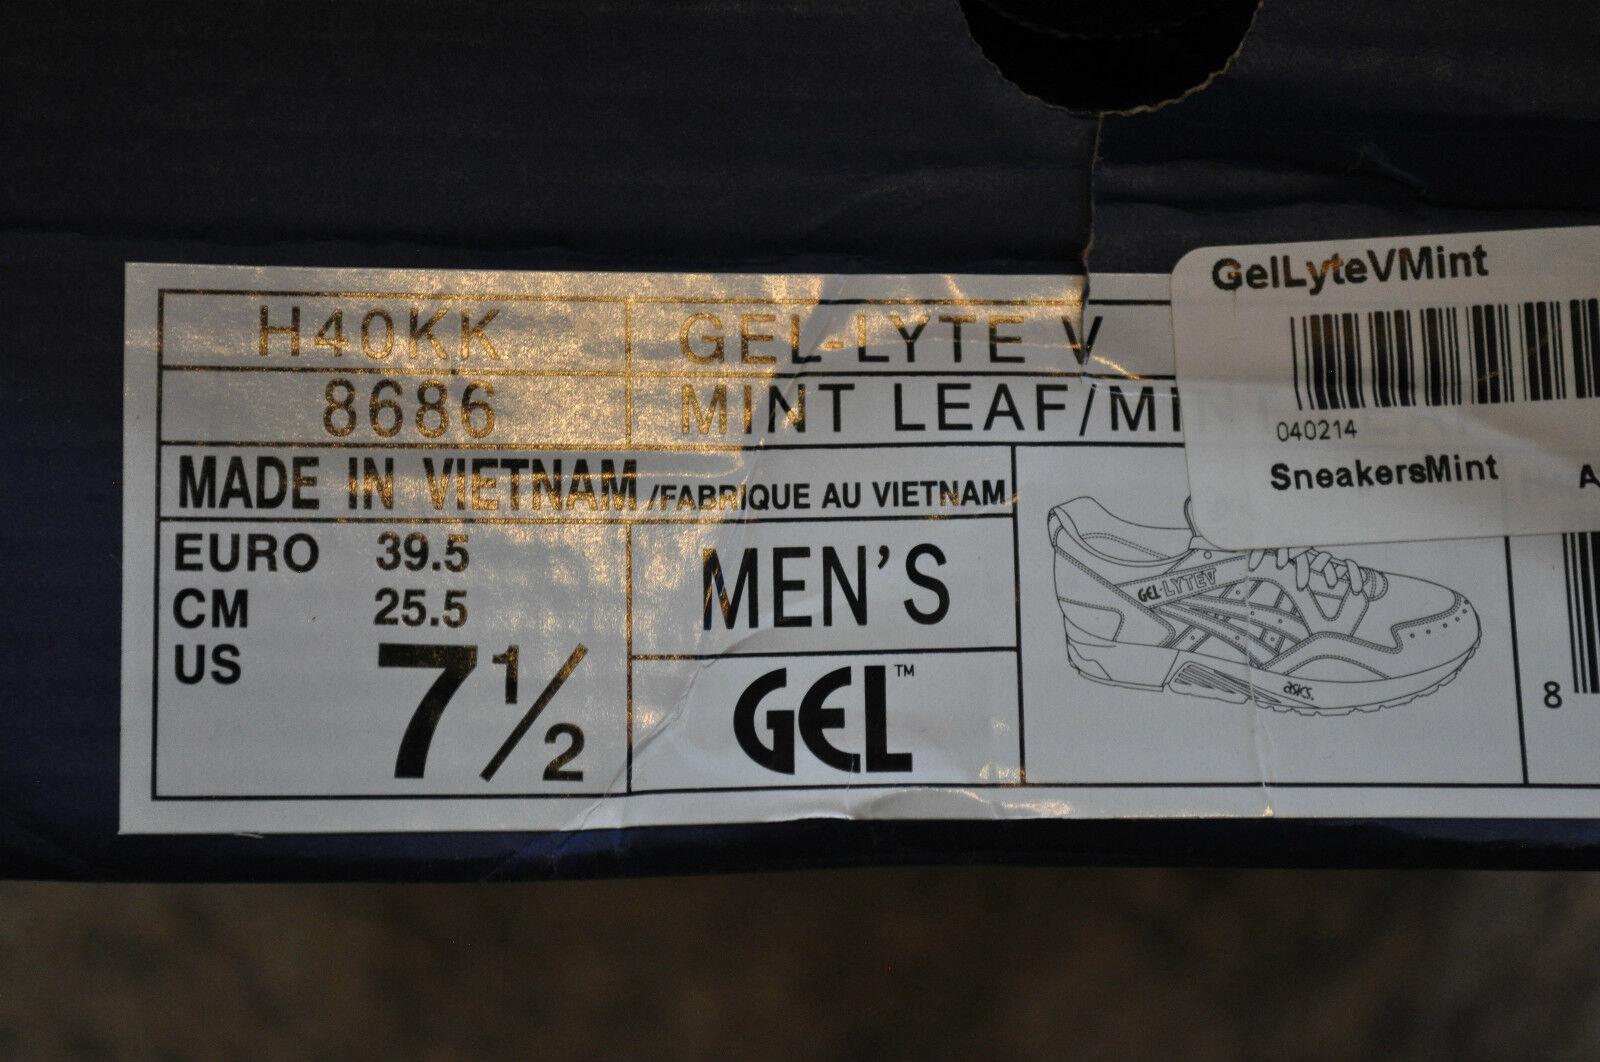 Asics x Ronnie Fieg Fieg Fieg Gel Lyte 5 'Mint Leaf' 6.5 UK 730d33